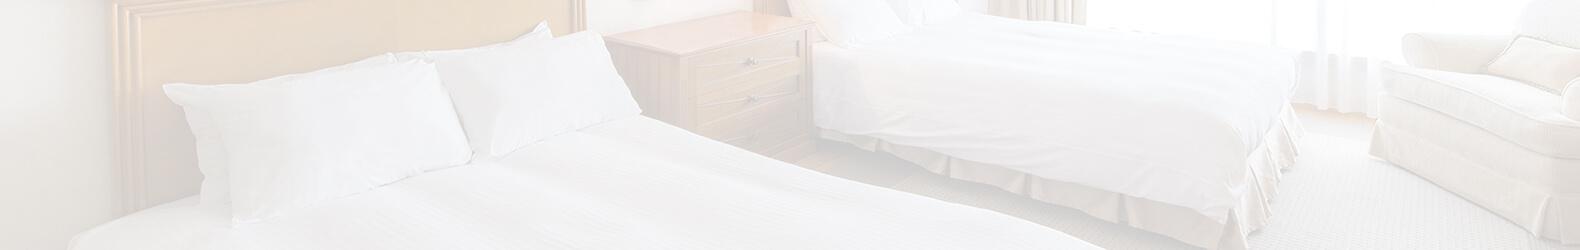 ホテルWi-Fi利用例